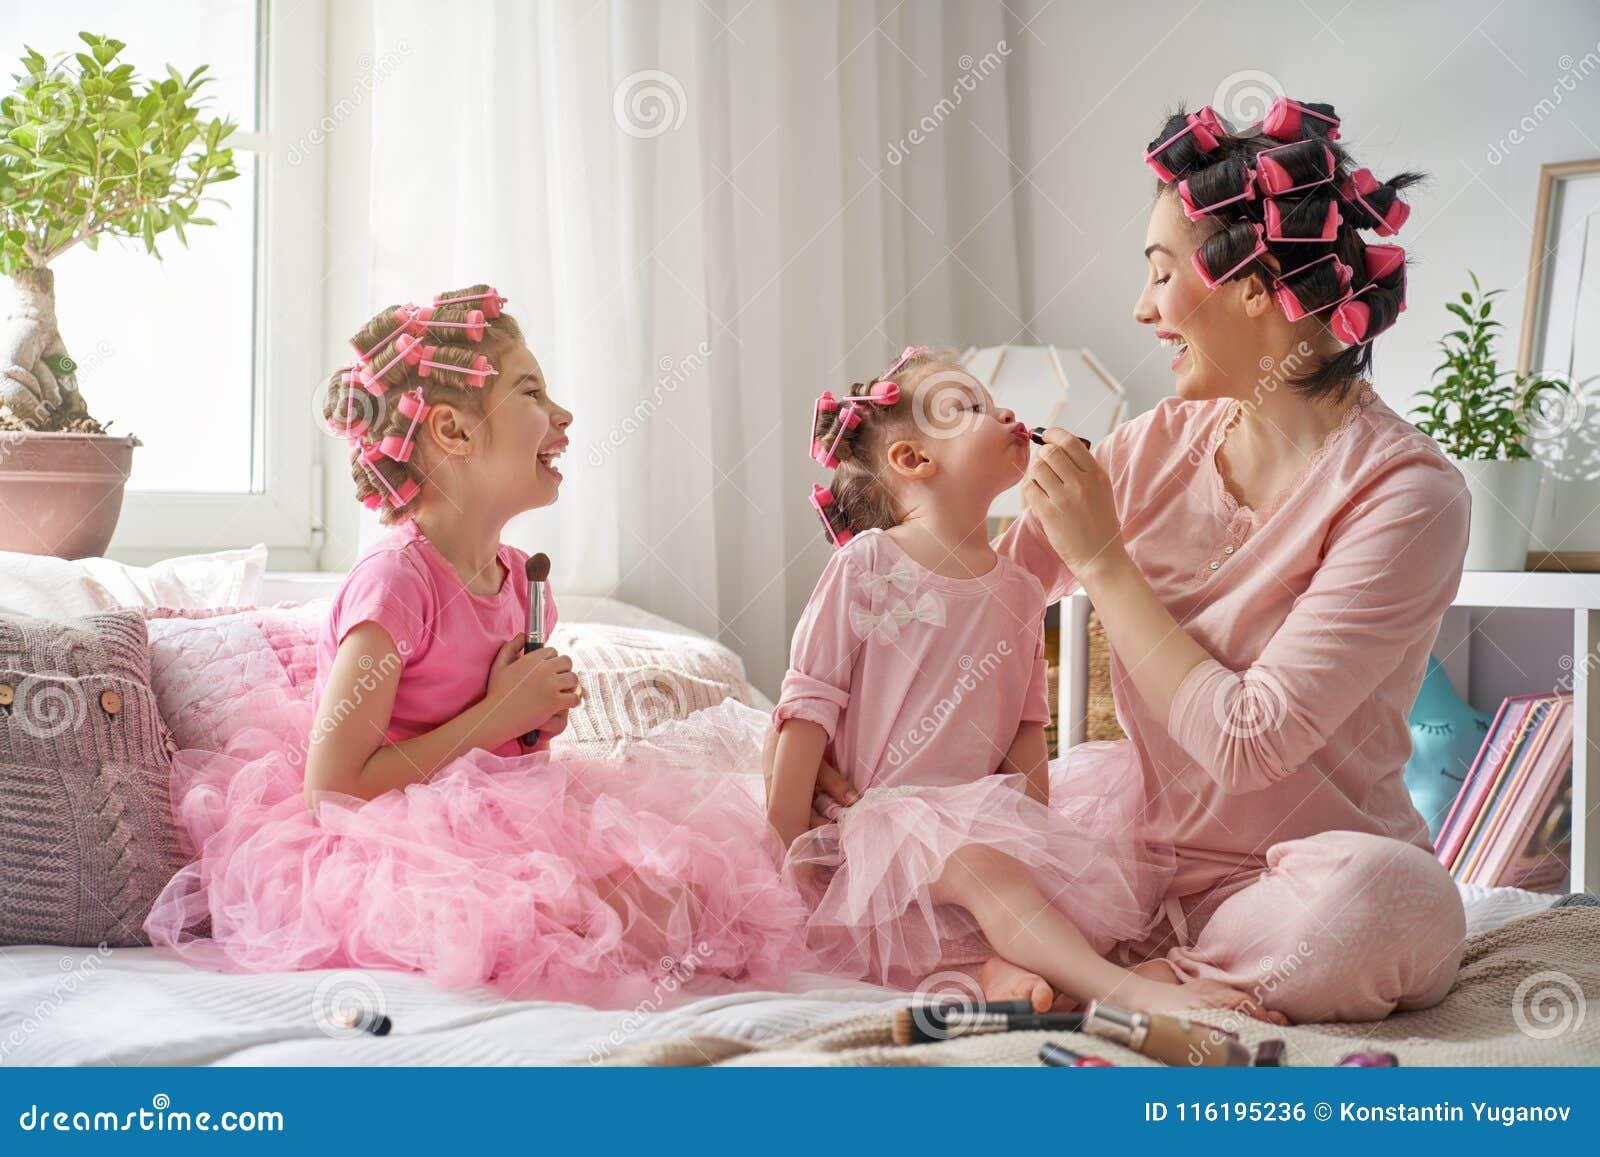 33b8bdc182f Mamma En Kinderen Die Make-up Doen Stock Foto - Afbeelding bestaande ...